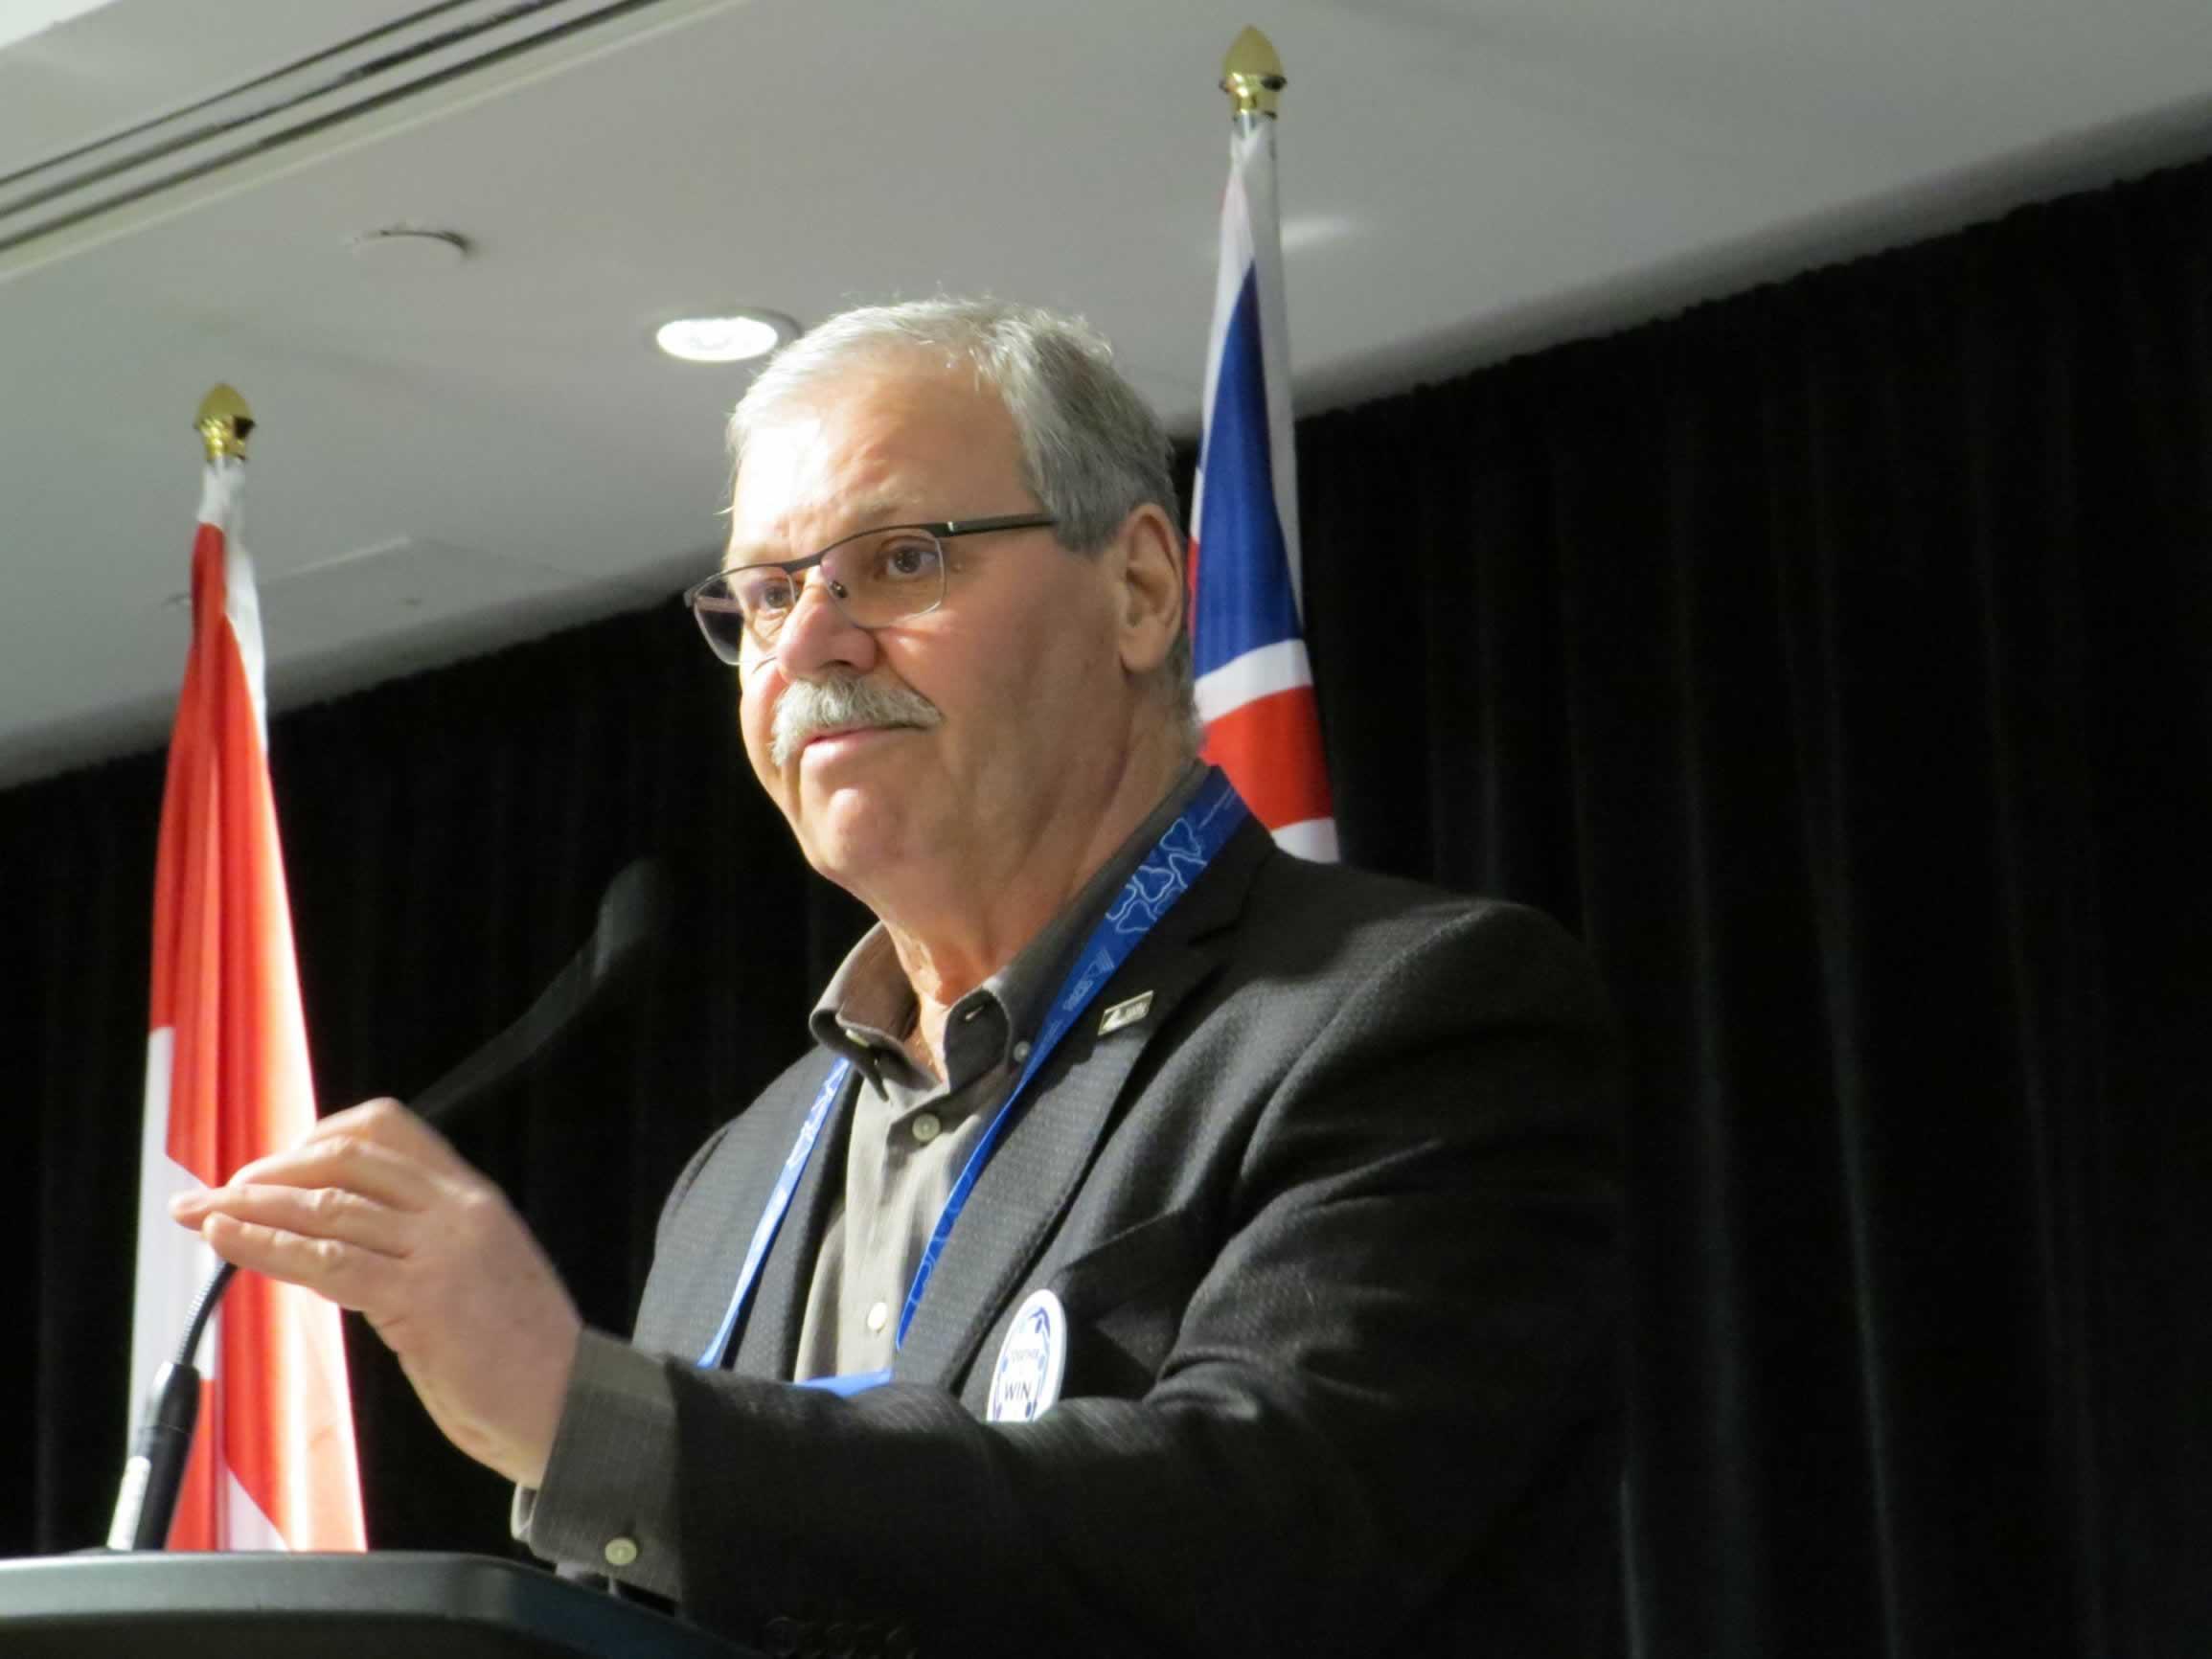 OPSEU President Warren (Smokey) Thomas speaks at a podium.